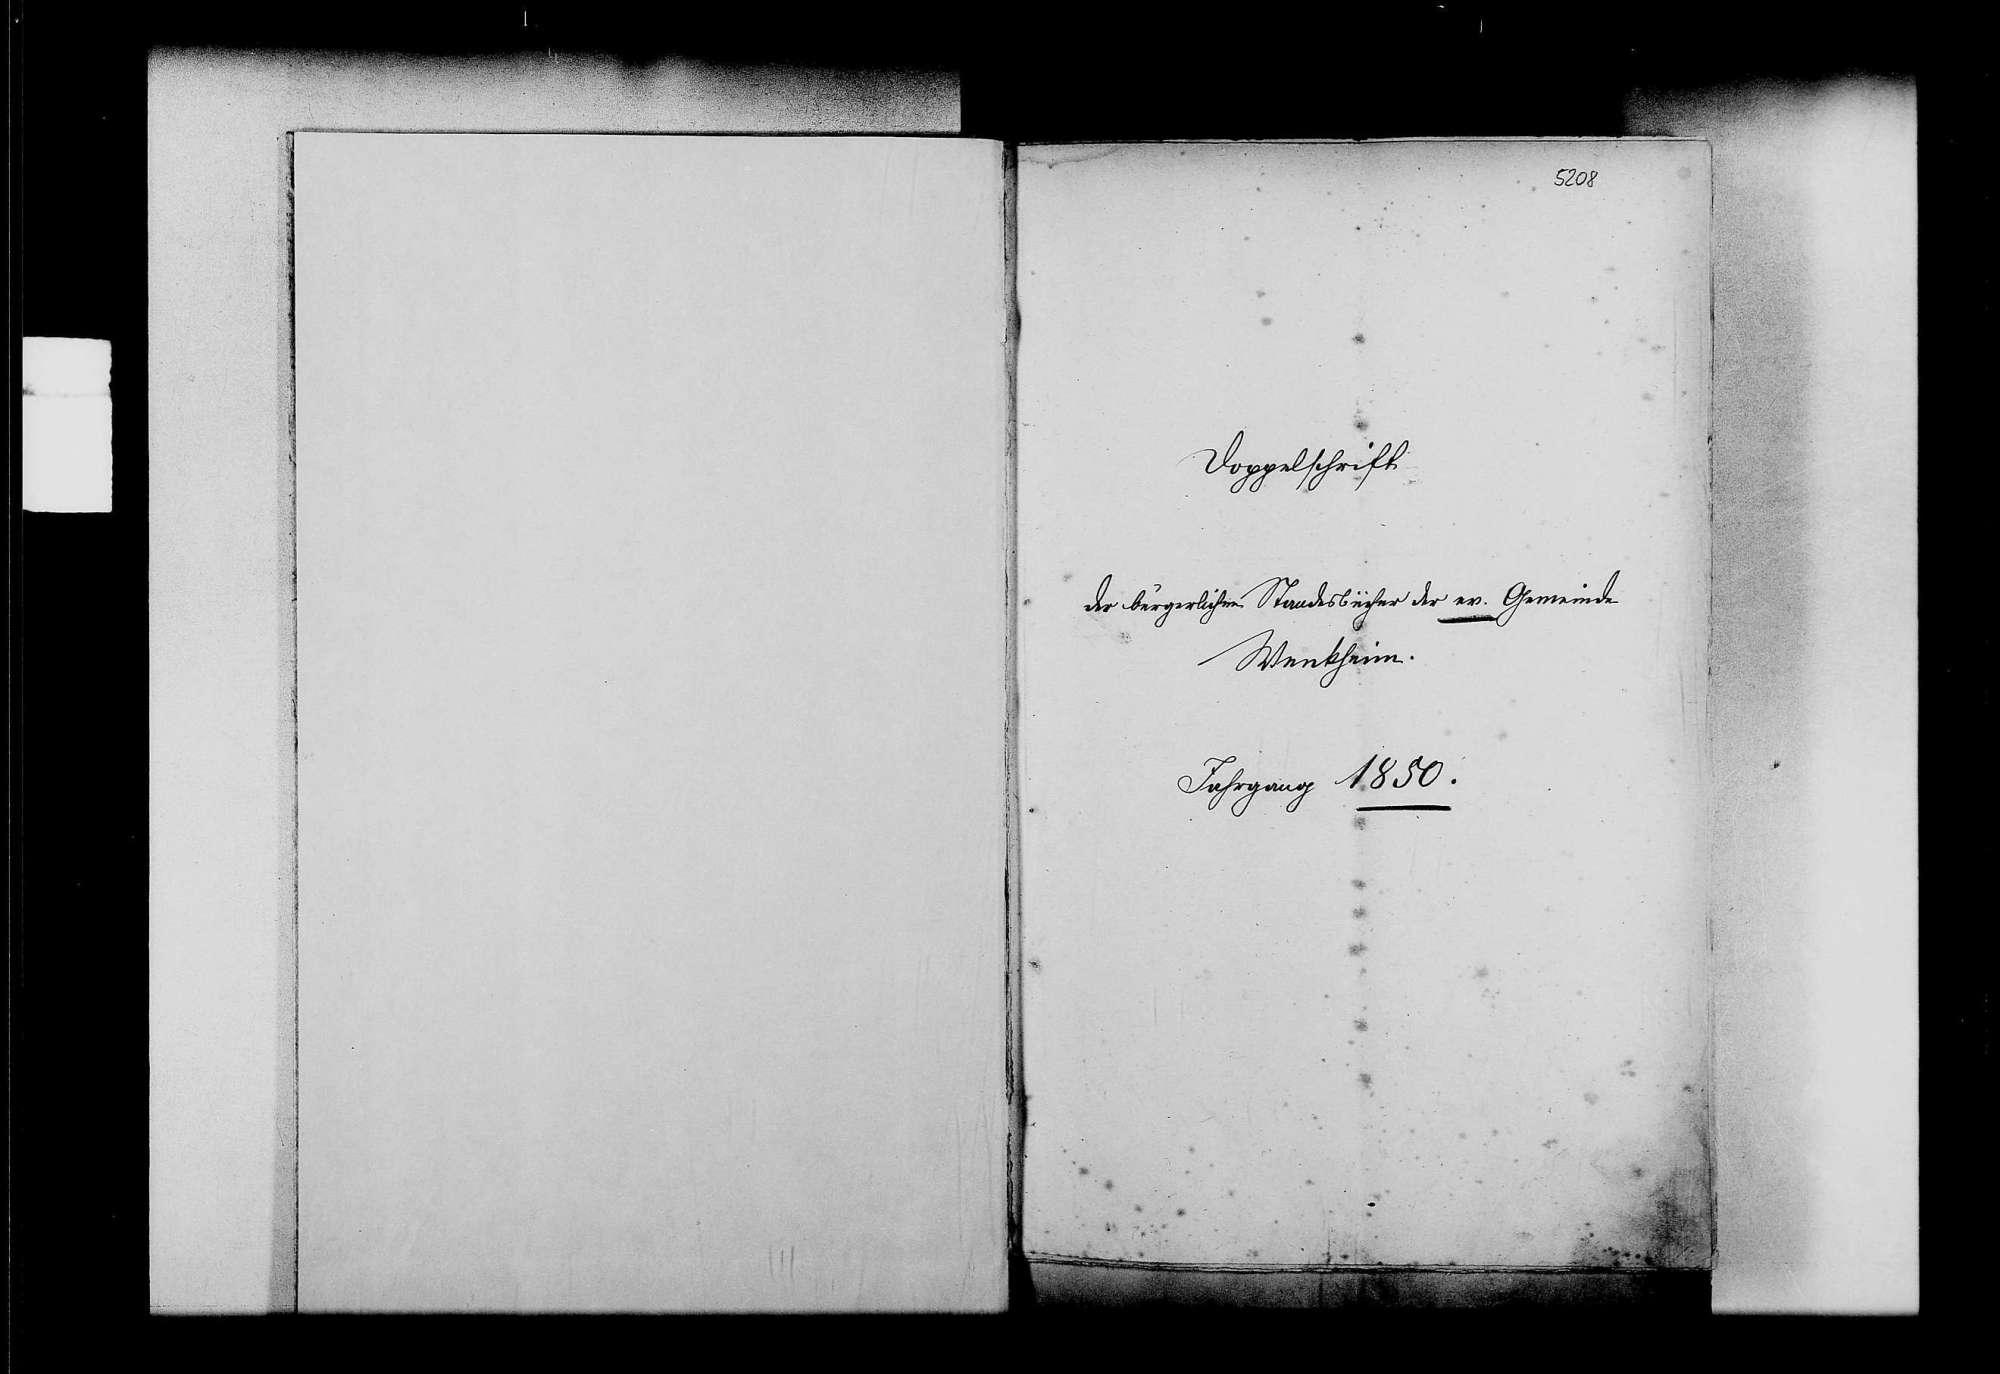 Wenkheim, evangelische, katholische und israelitische Gemeinde: Standesbuch 1850-1859, Bild 2